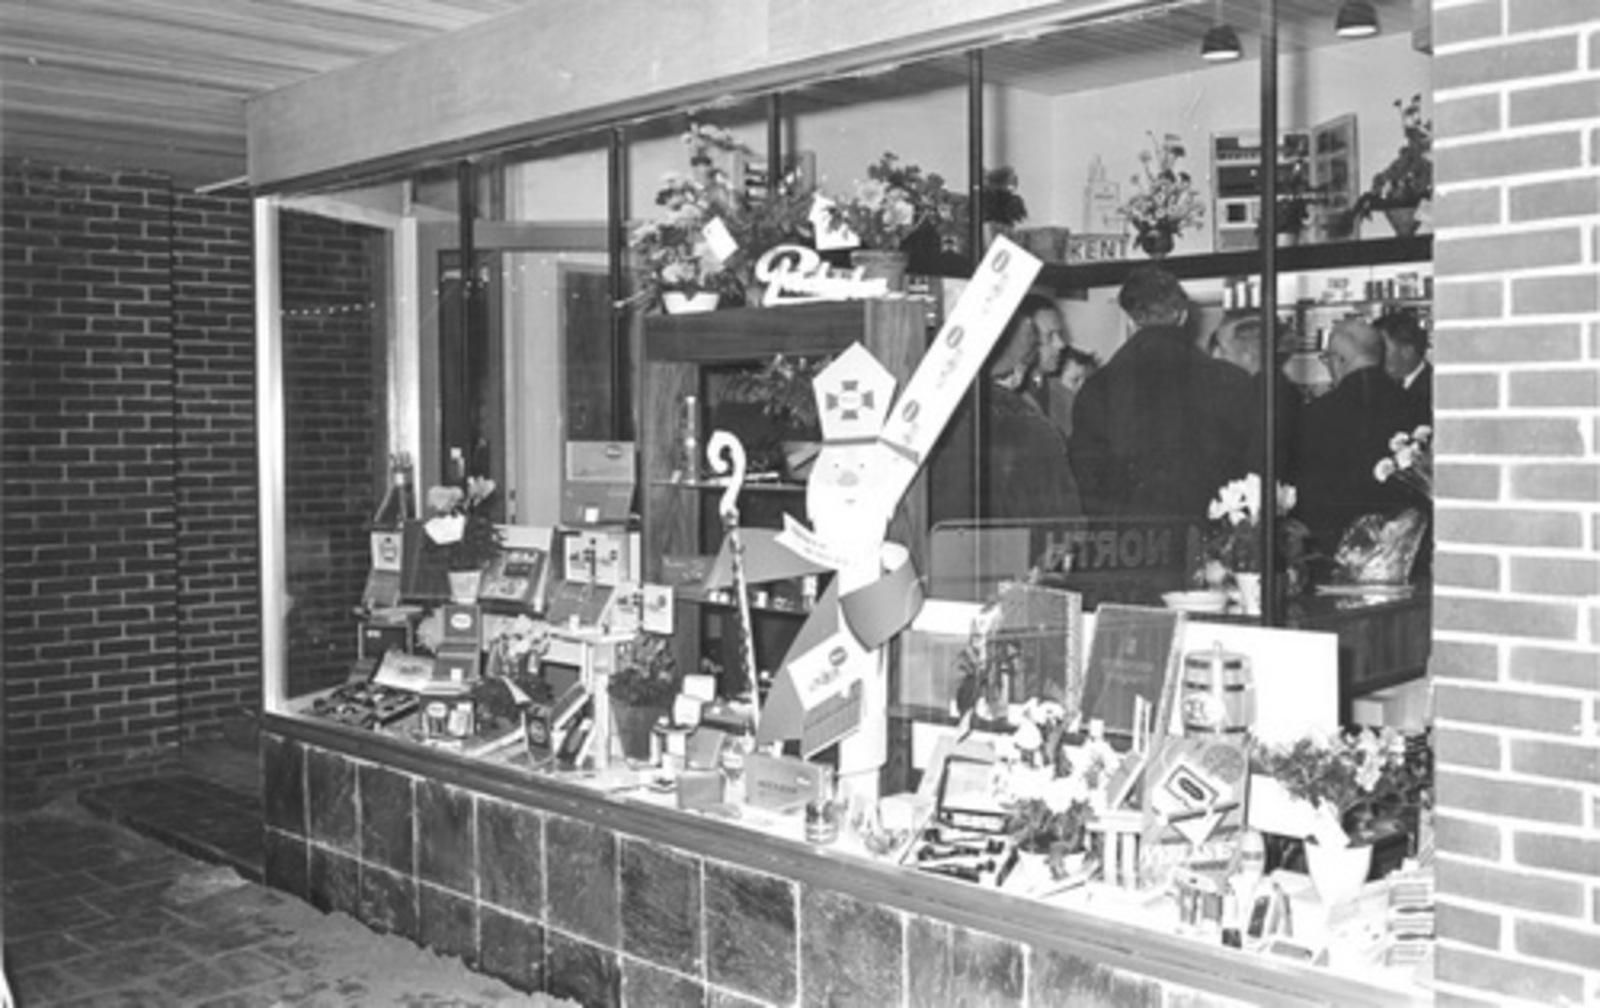 Marktlaan O 0022 1963 Opening Nieuwe Winkel Kraak 27